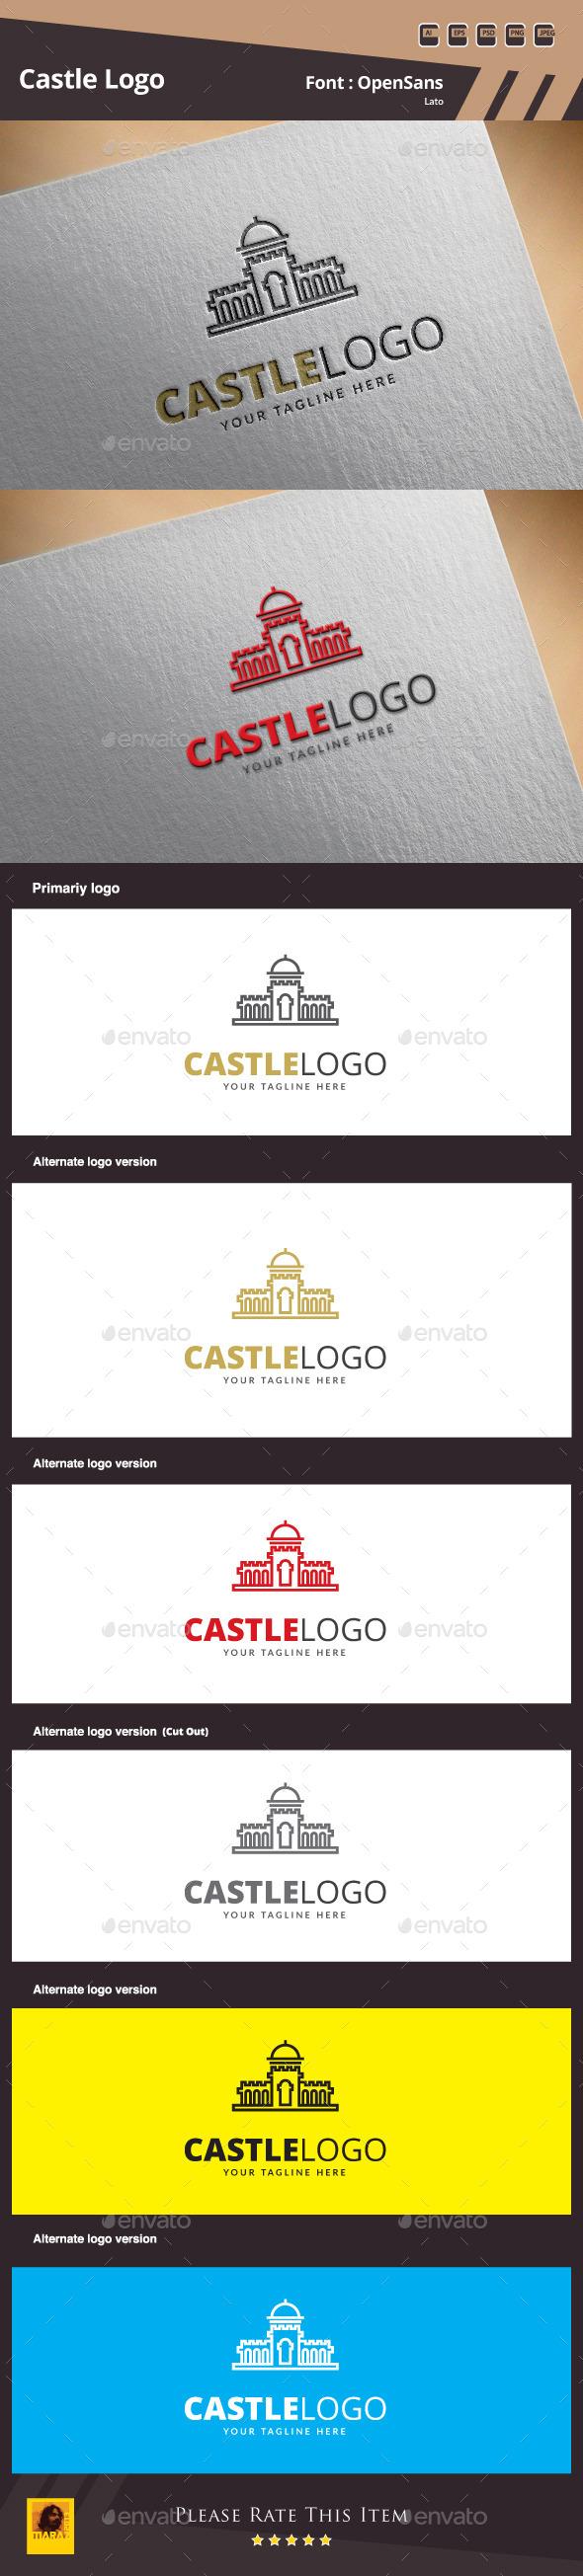 GraphicRiver Castle Logo Template 9961403